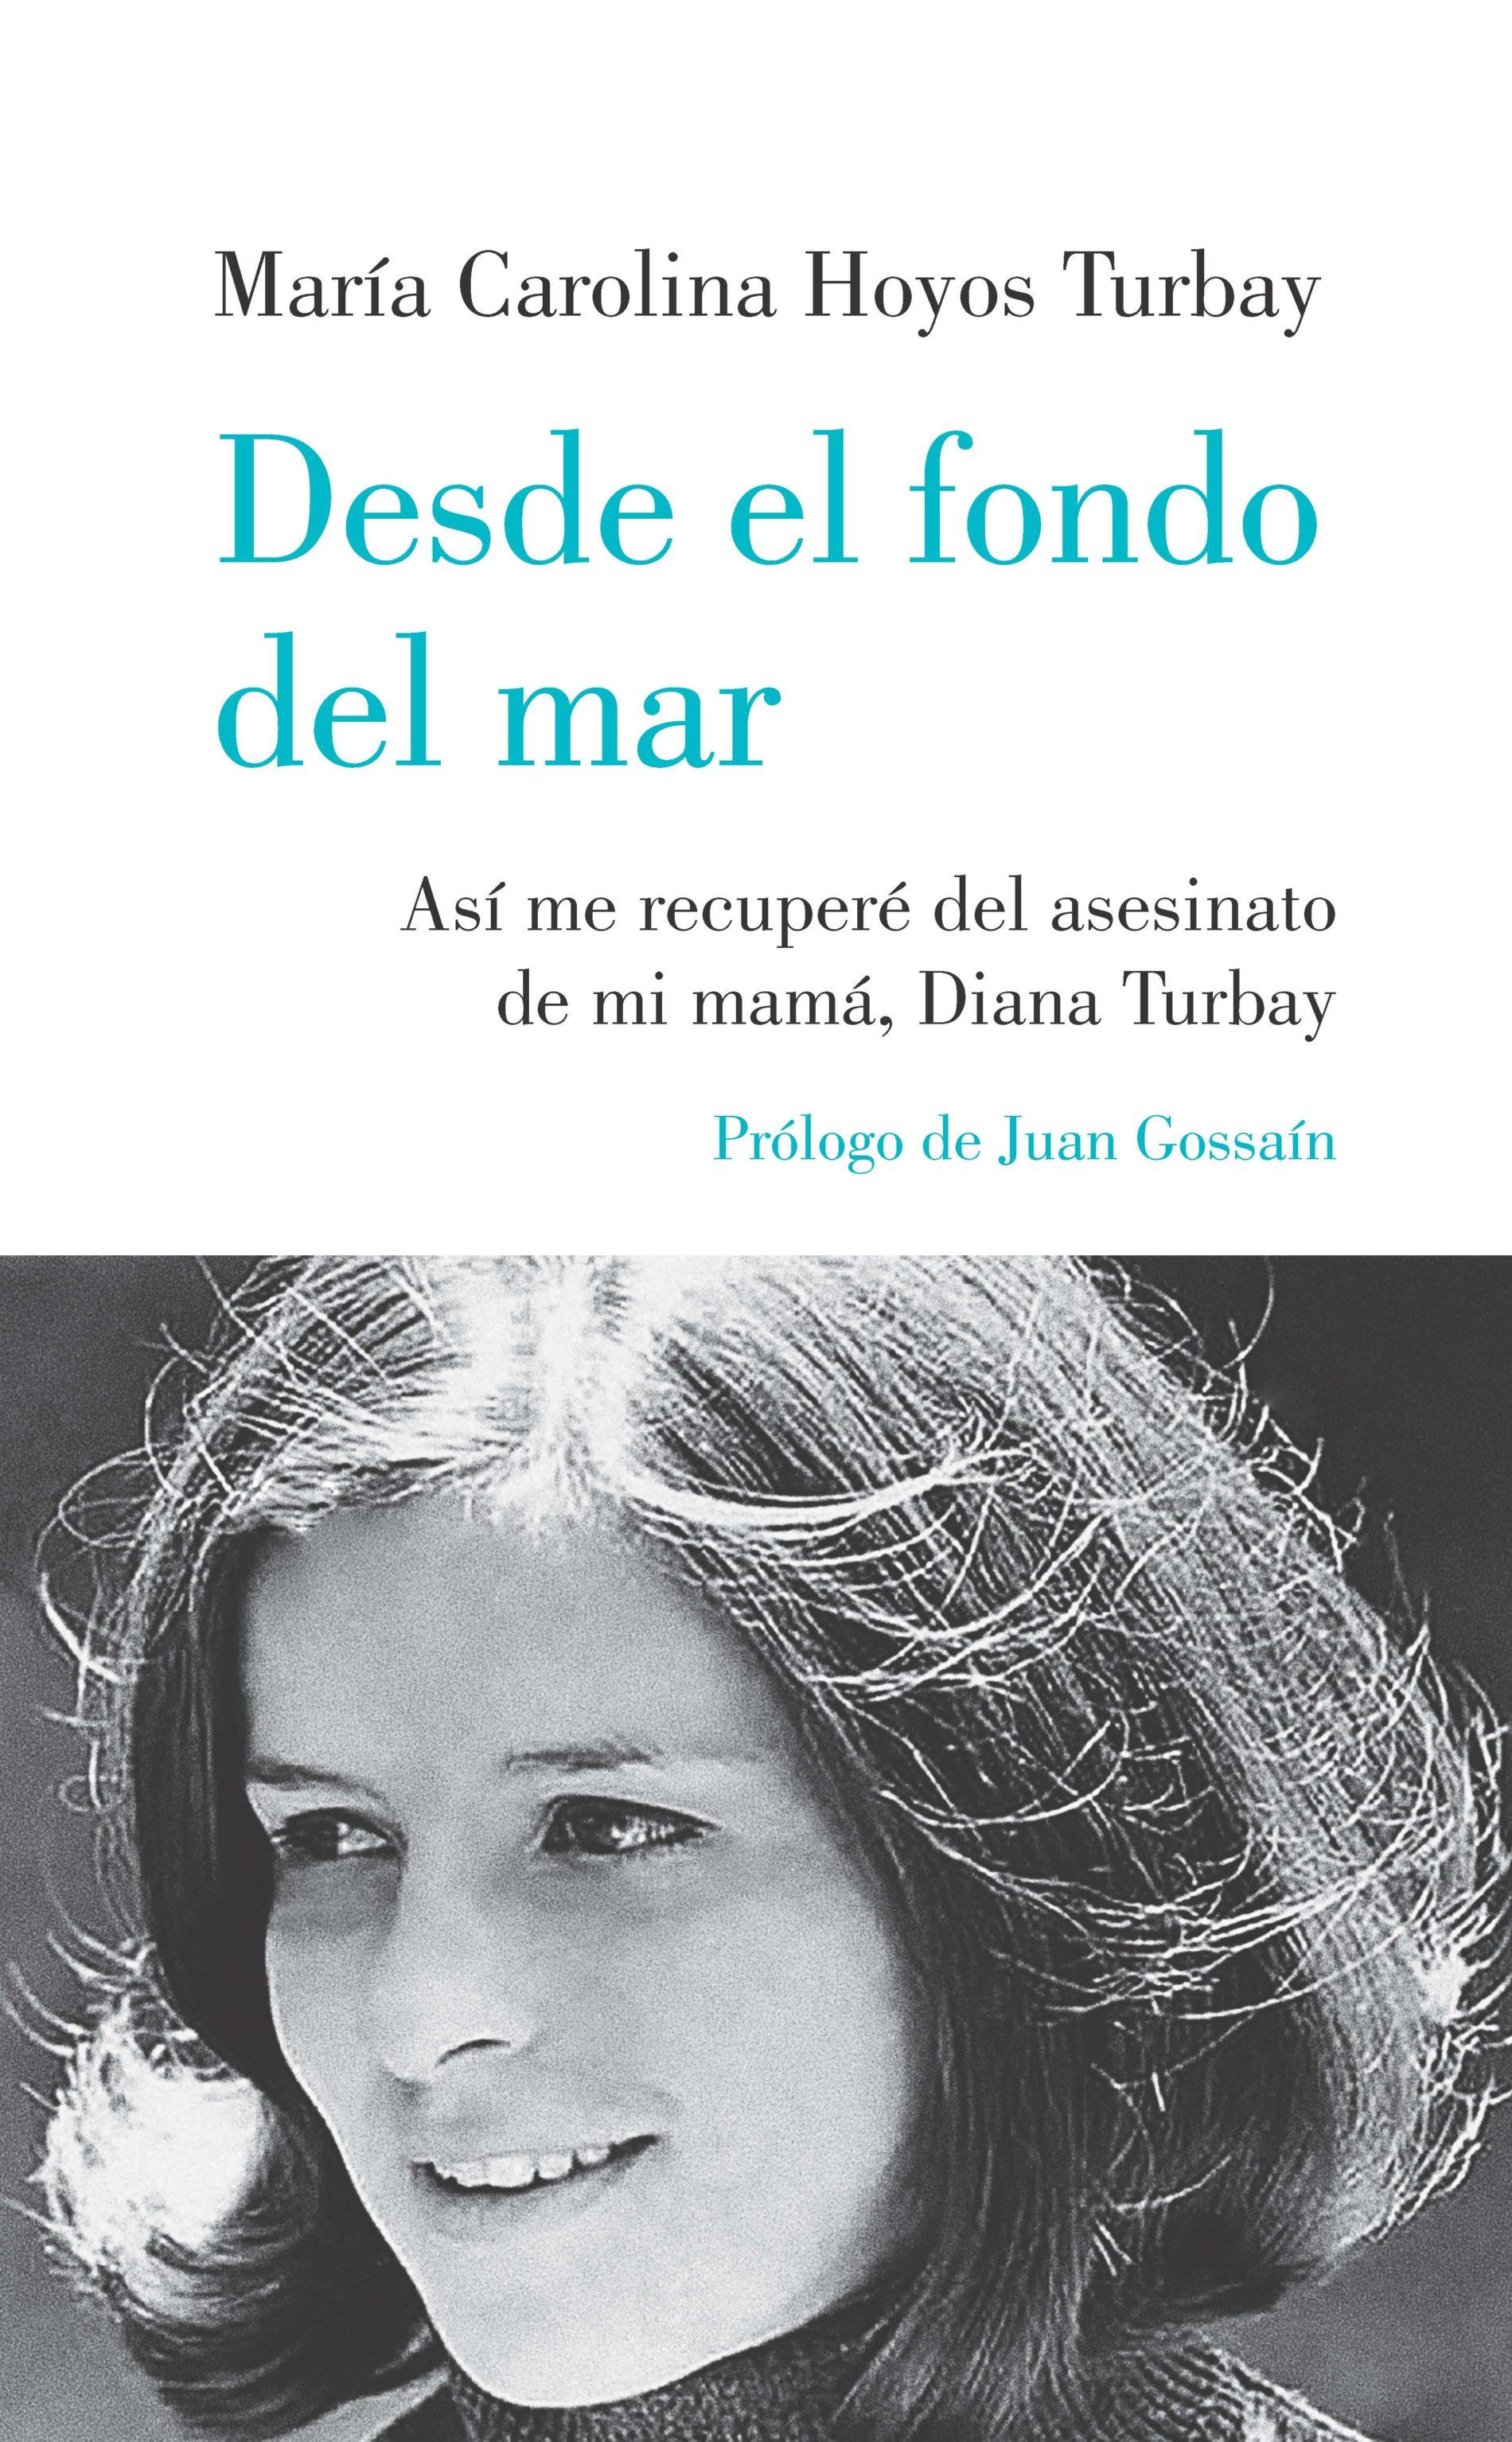 """María Carolina Hoyos Turbay: """"CÓMO LOGRÉ INCUMPLIRLE UN JURAMENTO A LA PERSONA QUE MÁS HE QUERIDO EN LA VIDA"""""""